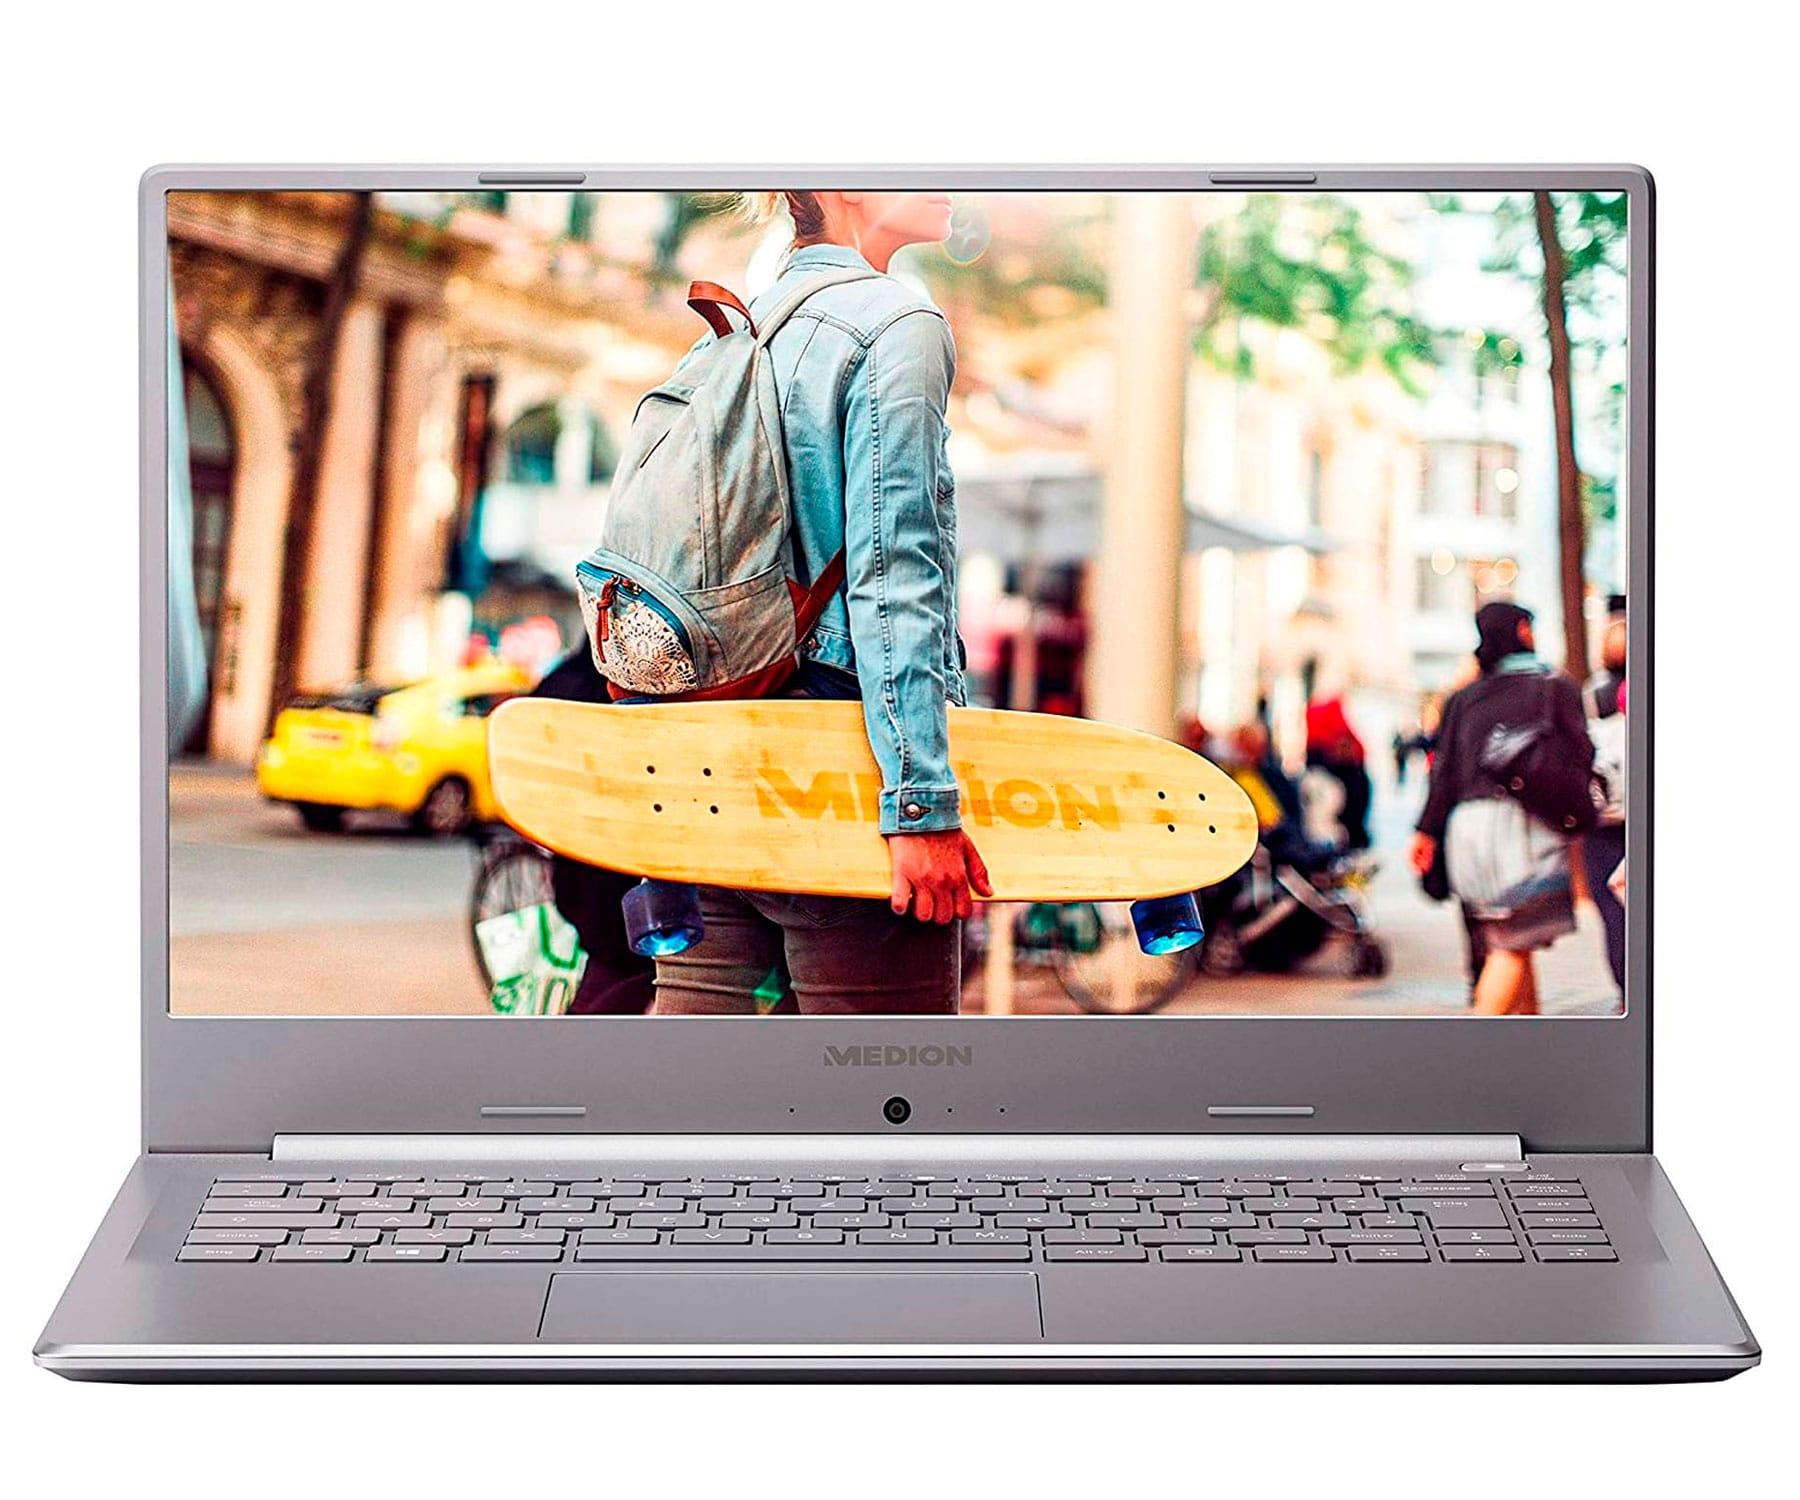 MEDION E6247 MD62004 PLATA PORTÁTIL 15.6'' FullHD CEL-N4020 256GB SSD 8GB RAM WINDOWS 10 HOME